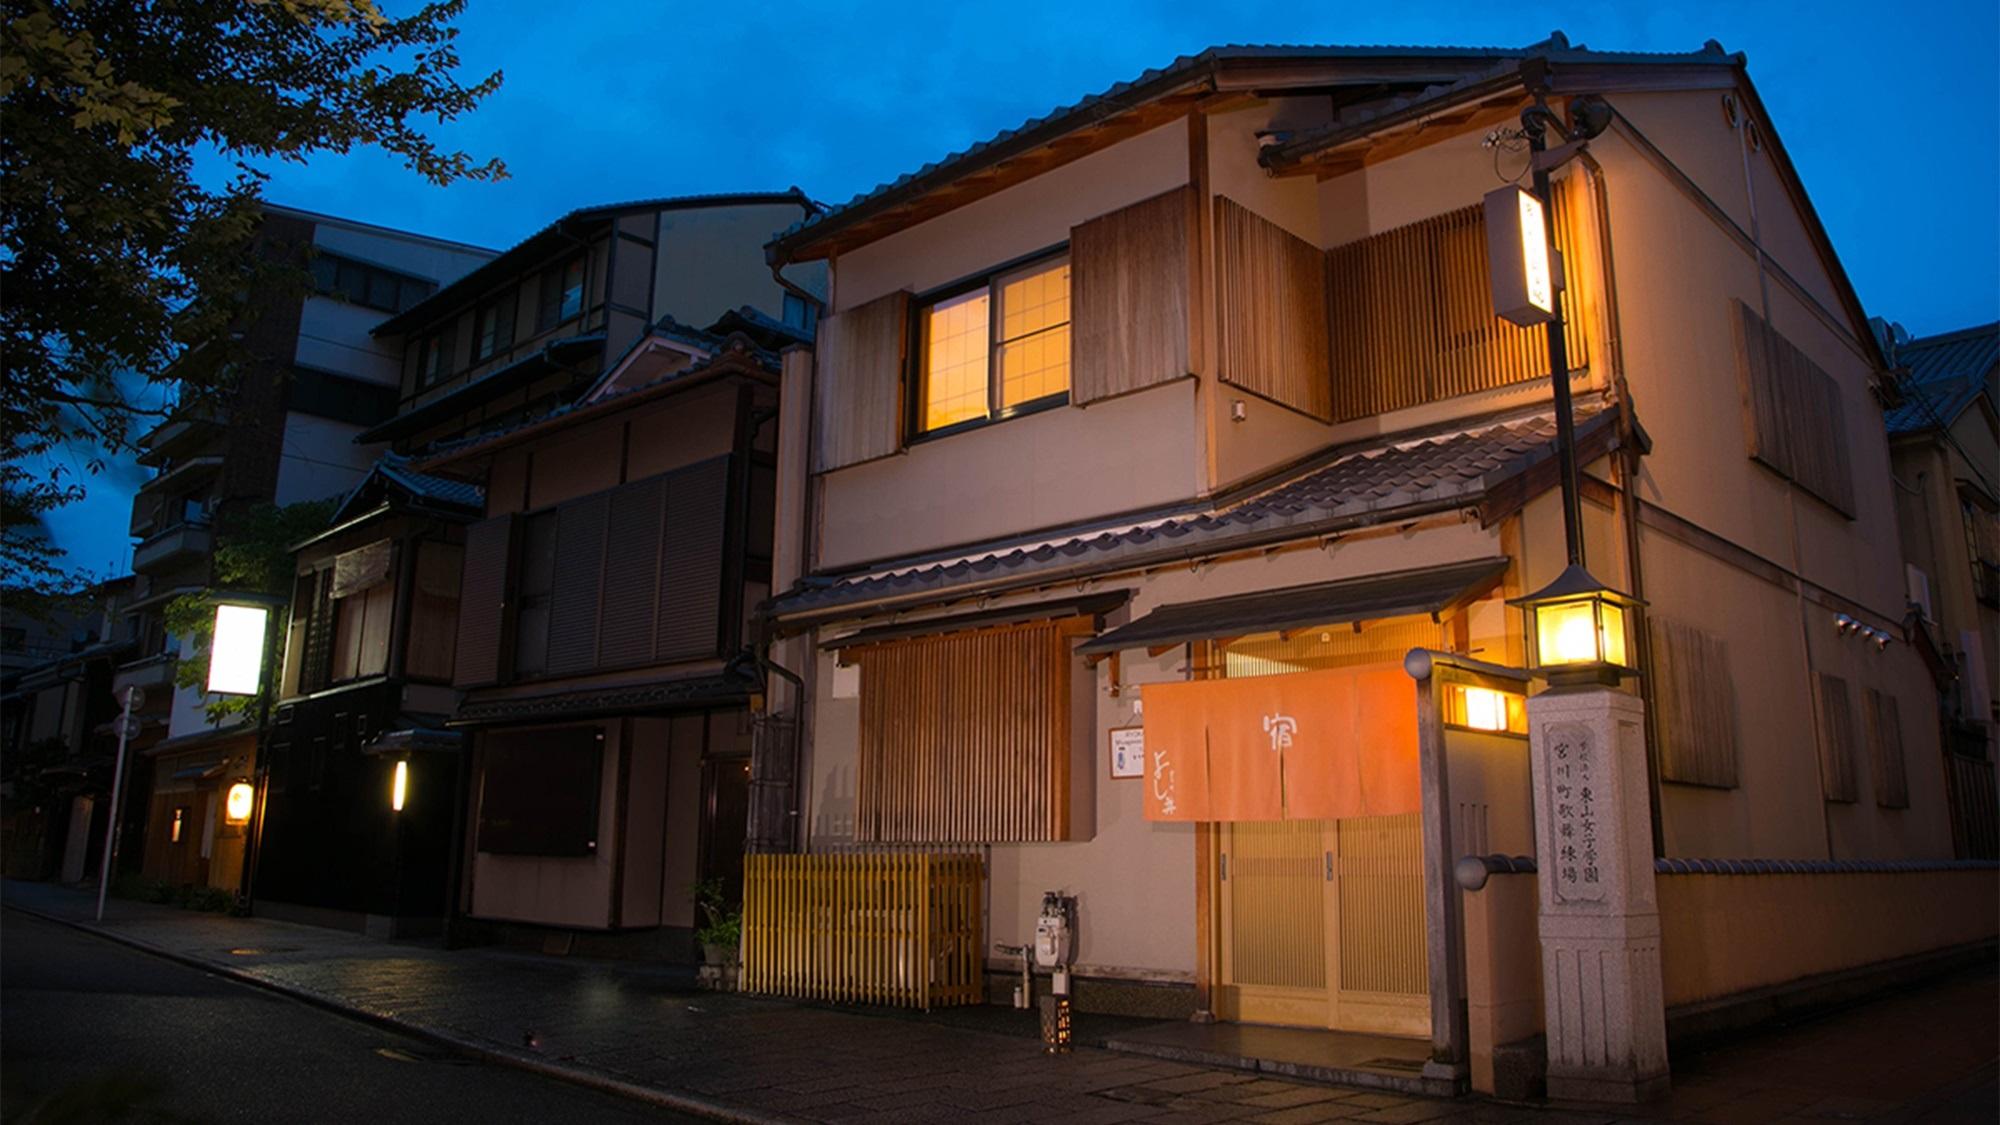 京の小宿 宮川町 よし井 image